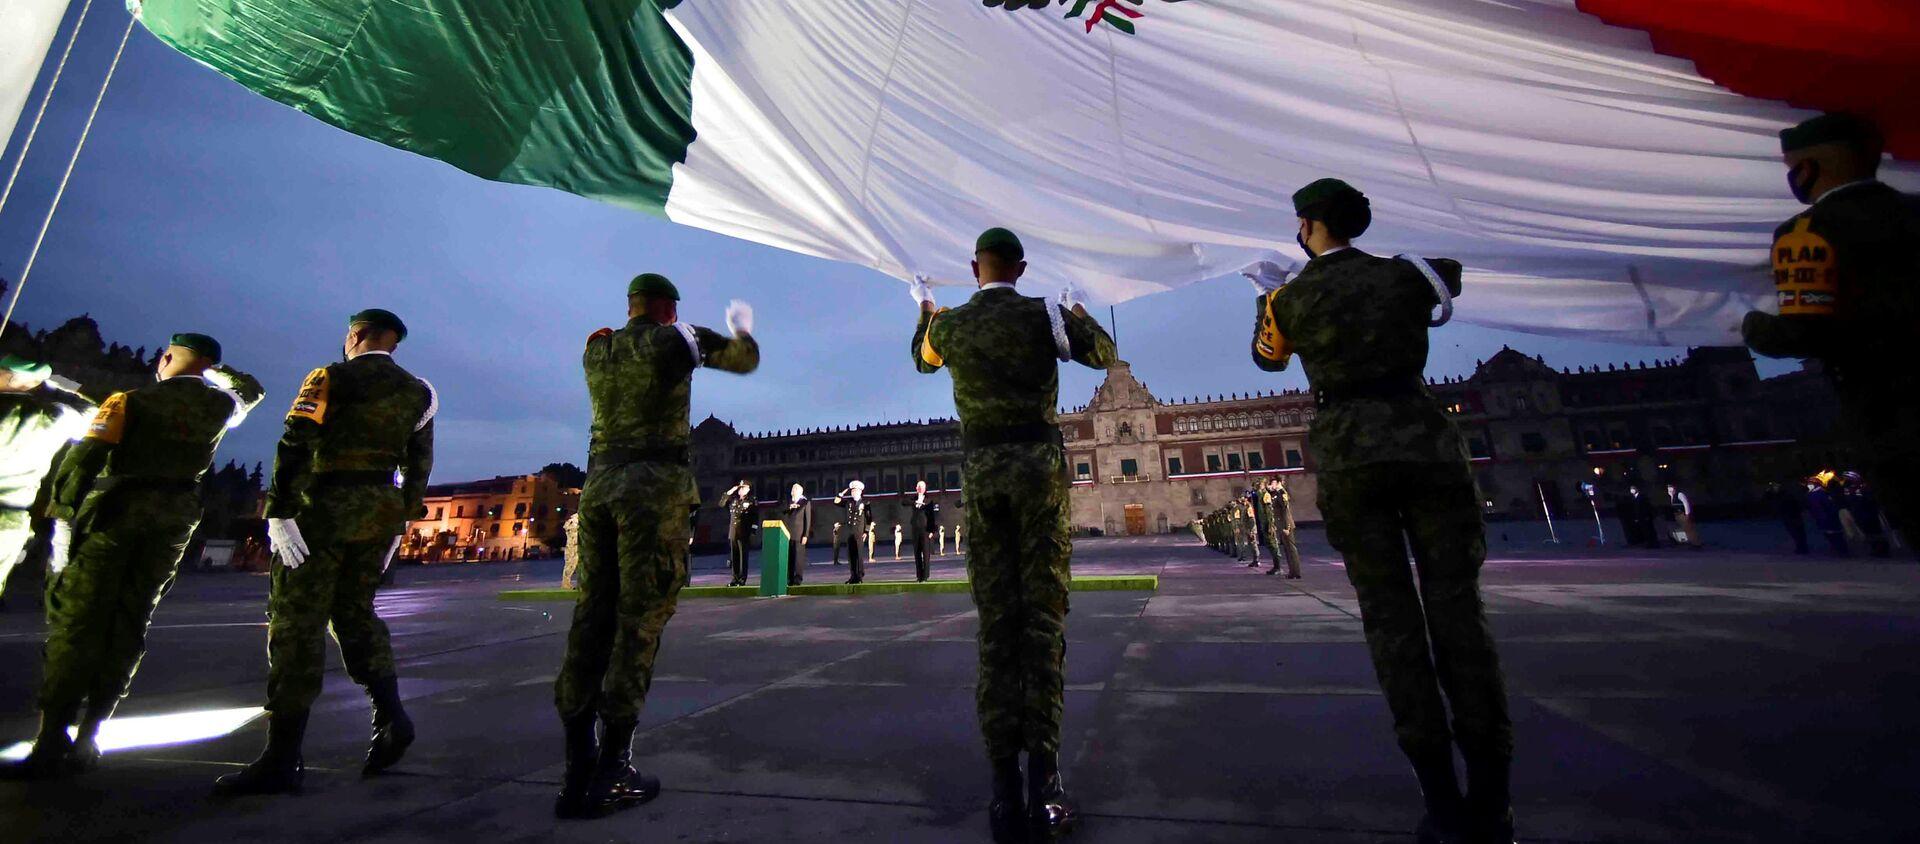 Los soldados sostienen la bandera nacional mexicana - Sputnik Mundo, 1920, 30.09.2020